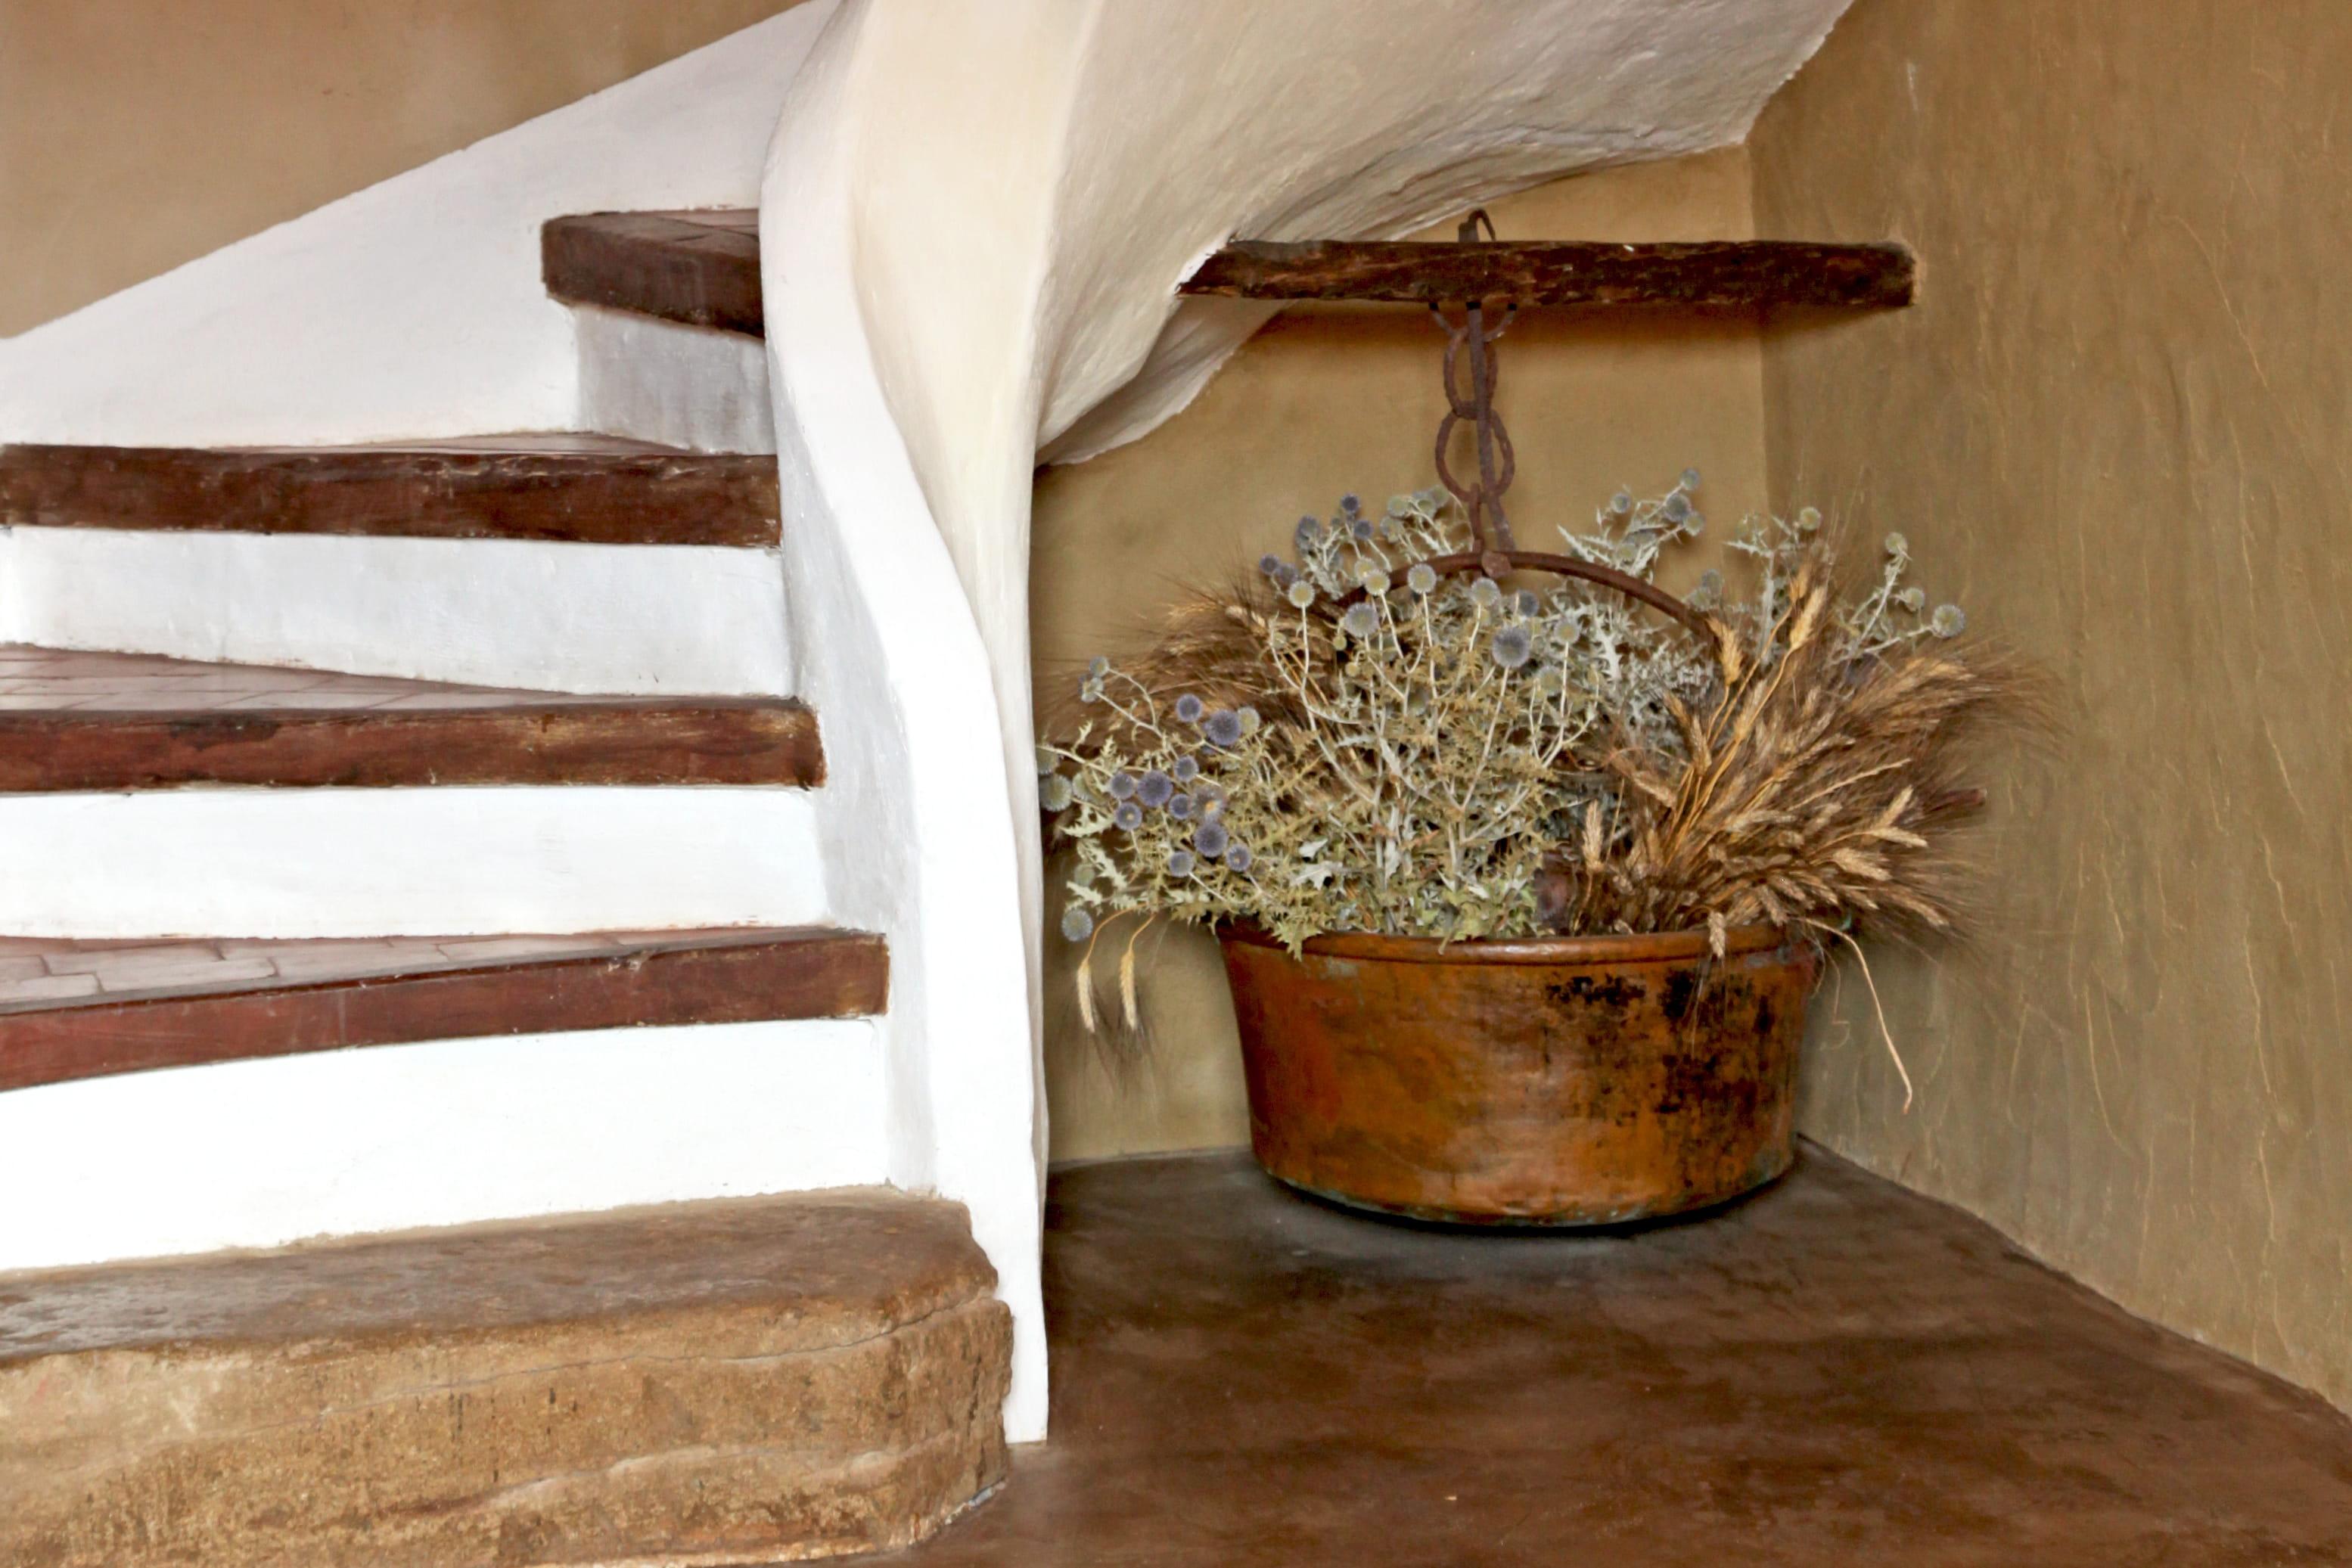 le truc chiner la bassine en cuivre journal des femmes. Black Bedroom Furniture Sets. Home Design Ideas